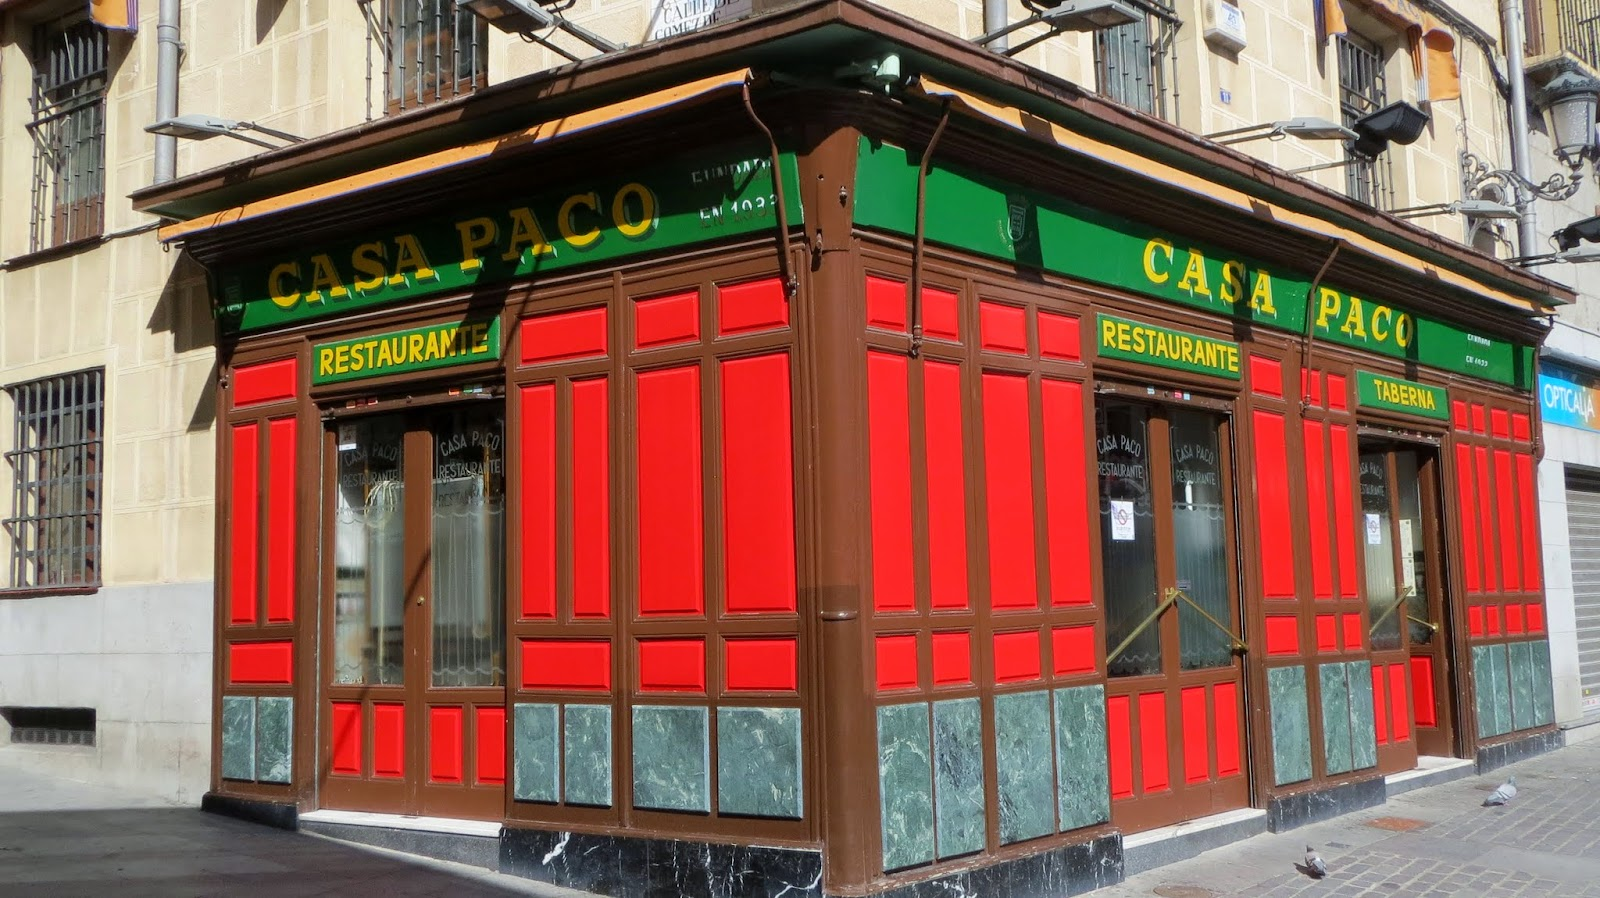 Casa Paco. Puerta Cerrada